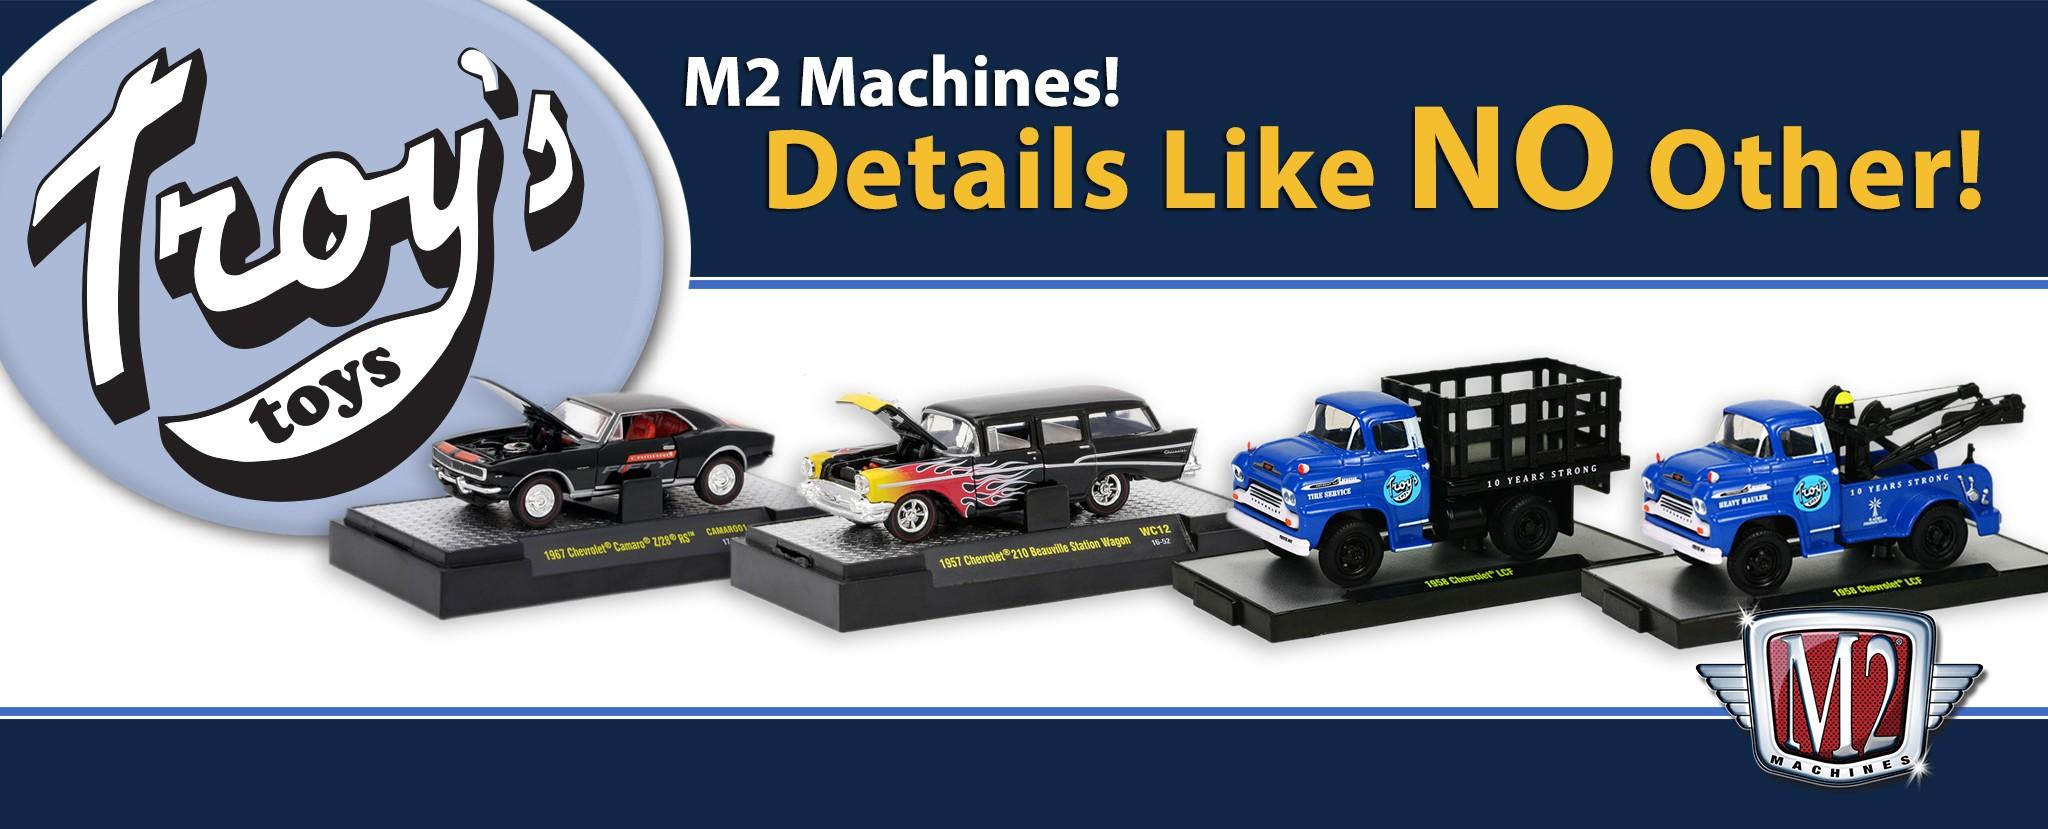 m2-machines-die-cast-collectibles